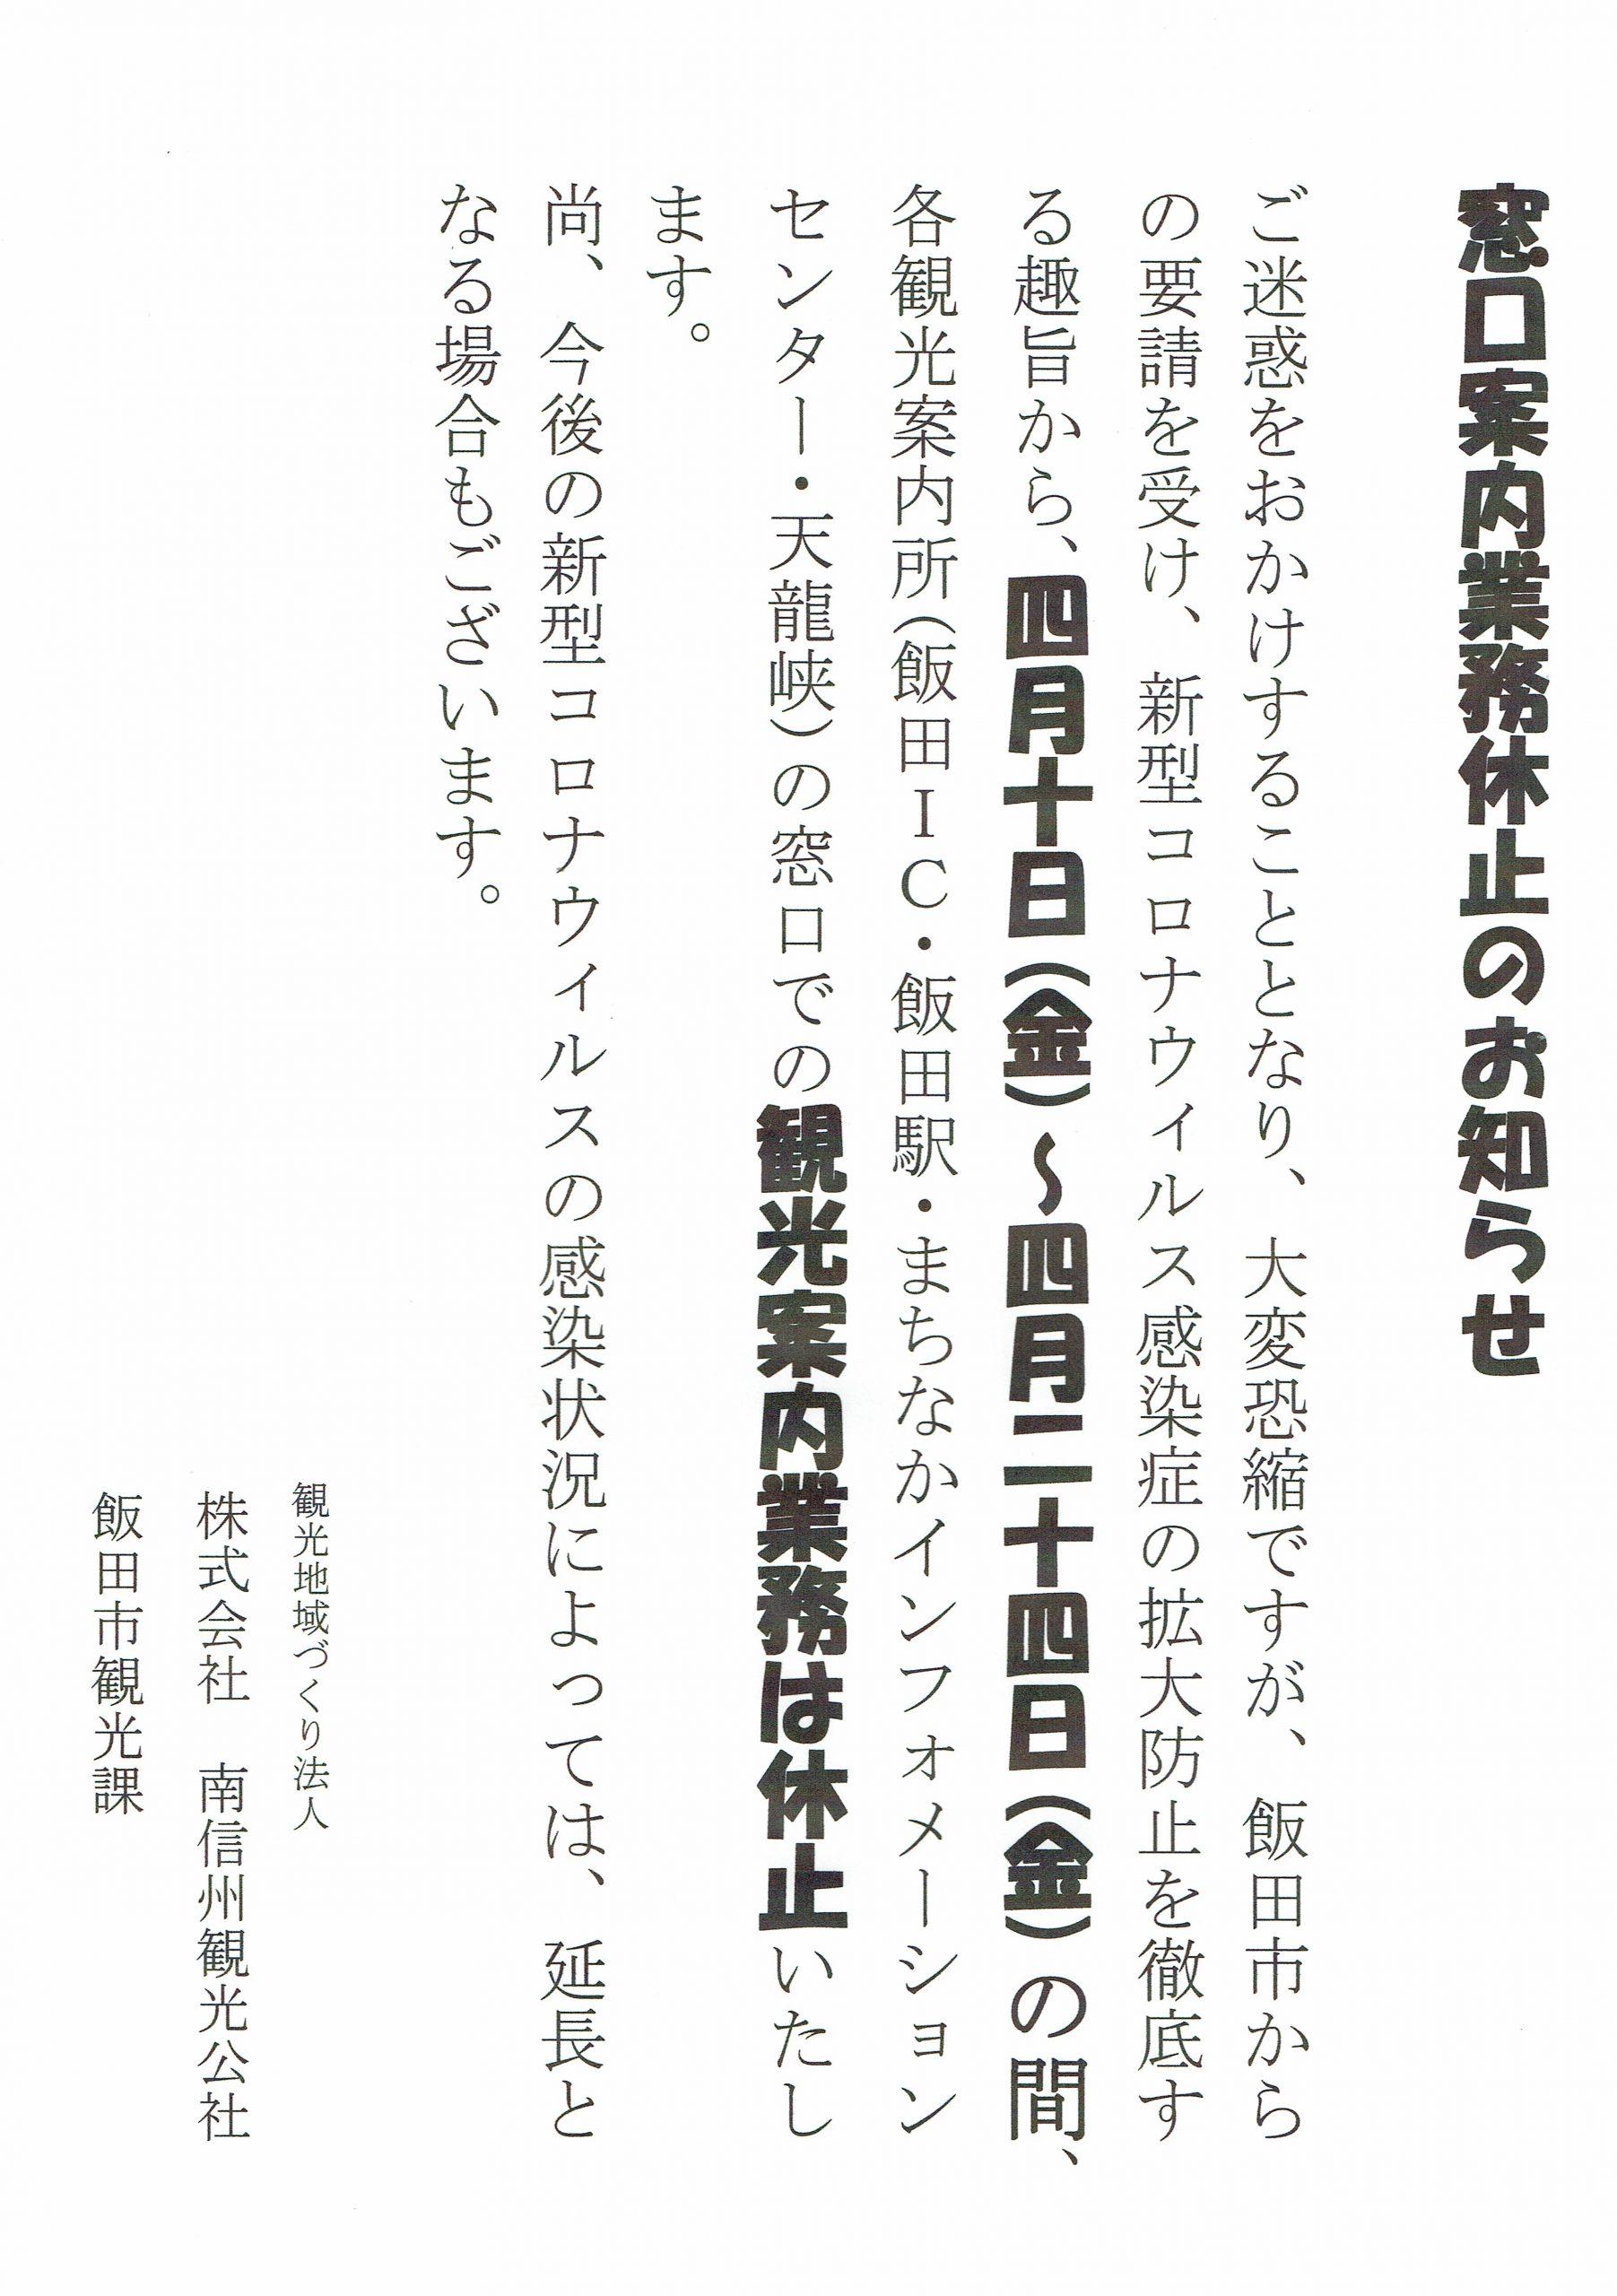 飯田 市 コロナ 誰 新型コロナウイルス感染症飯田市対策本部会議 -